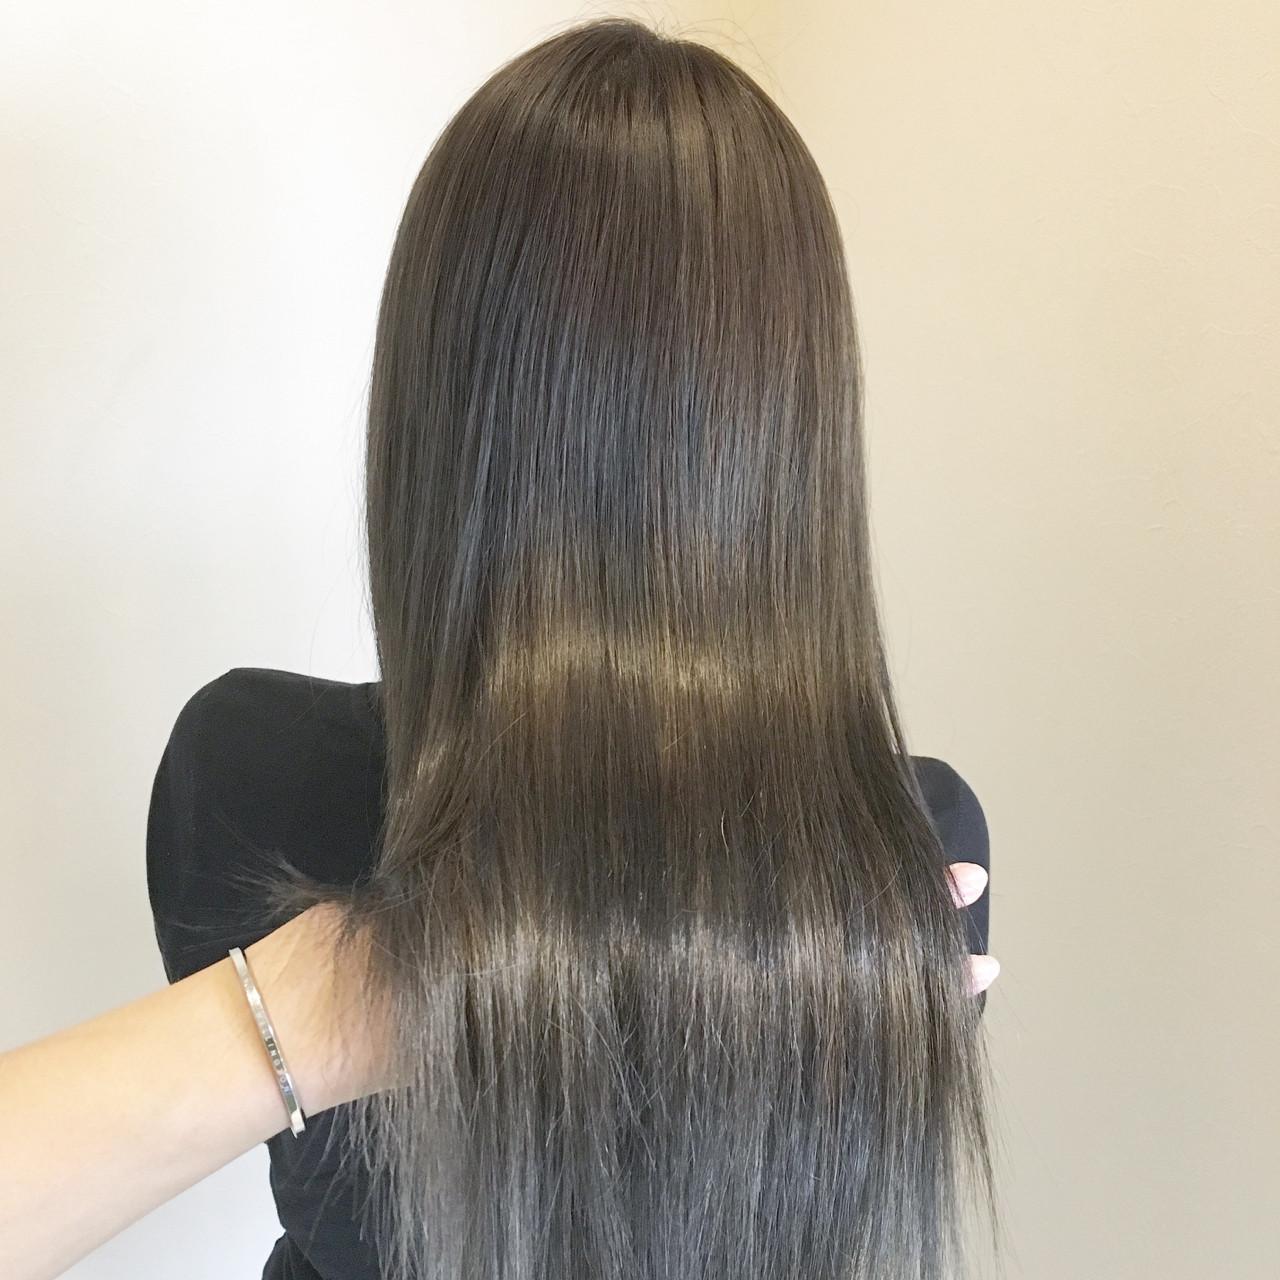 透明感 外国人風カラー アッシュ ロング ヘアスタイルや髪型の写真・画像 | 古作 蓮 / 美容室 MICHI 富田店